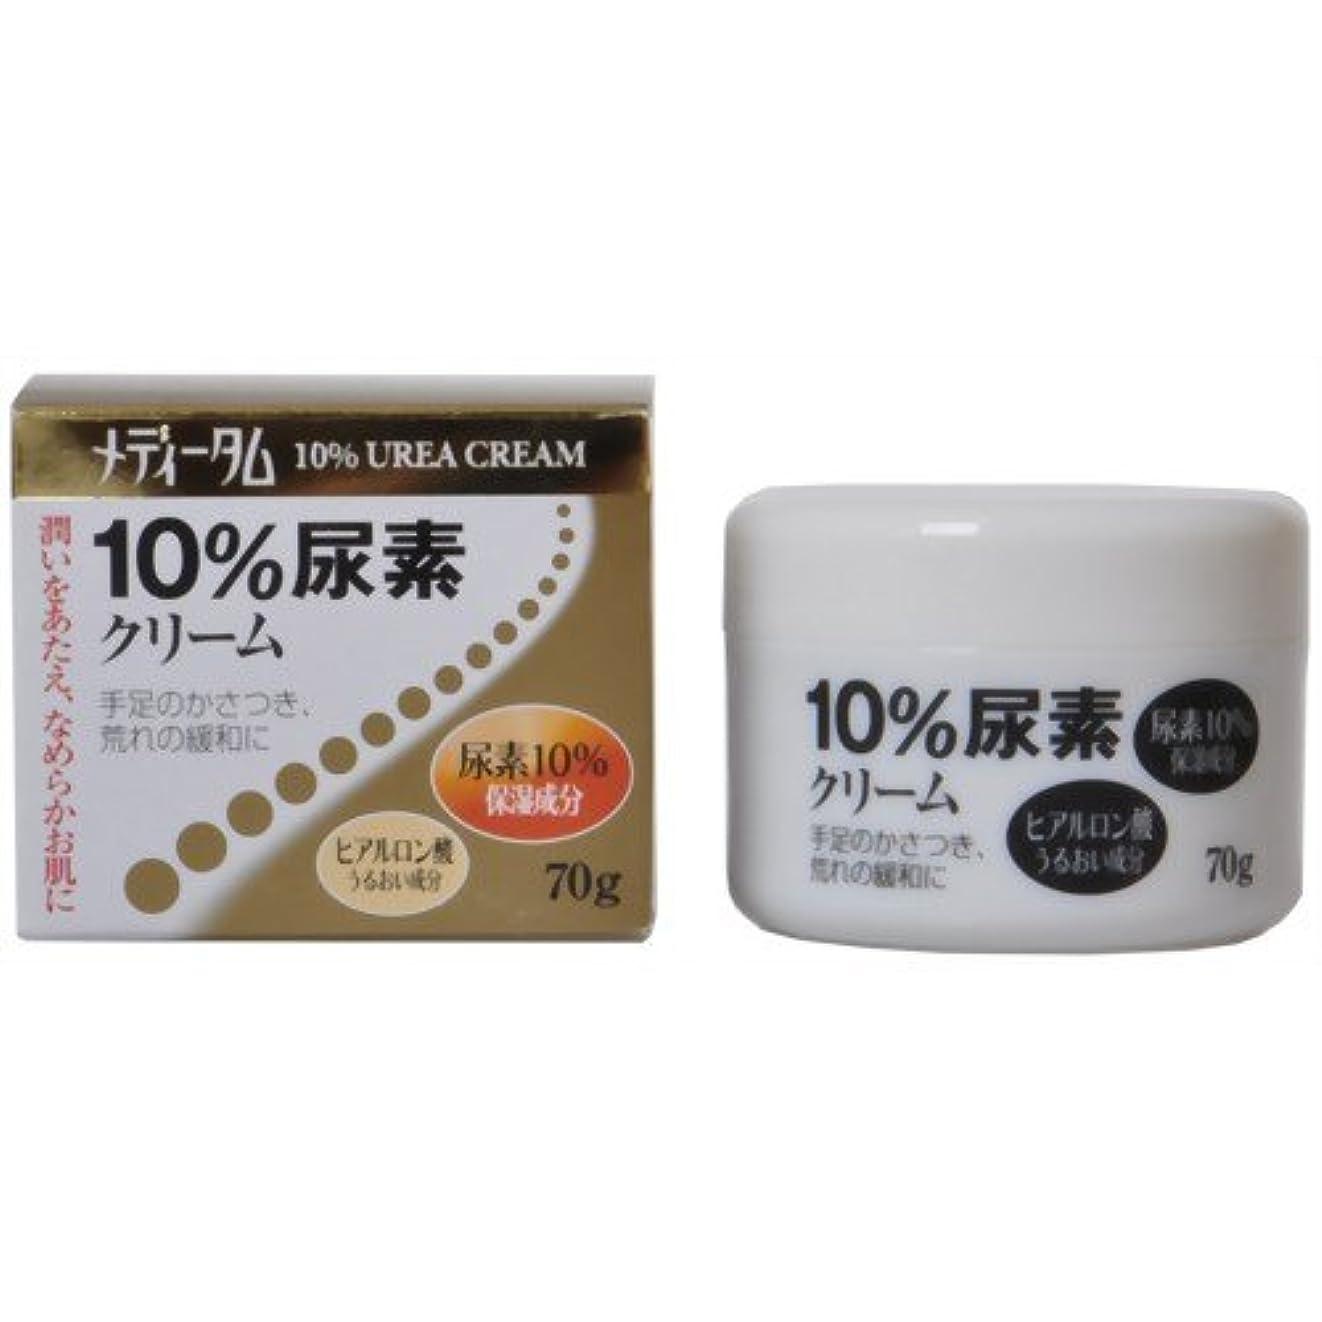 合成冷蔵庫アストロラーベメディータム 10%尿素クリーム 70g